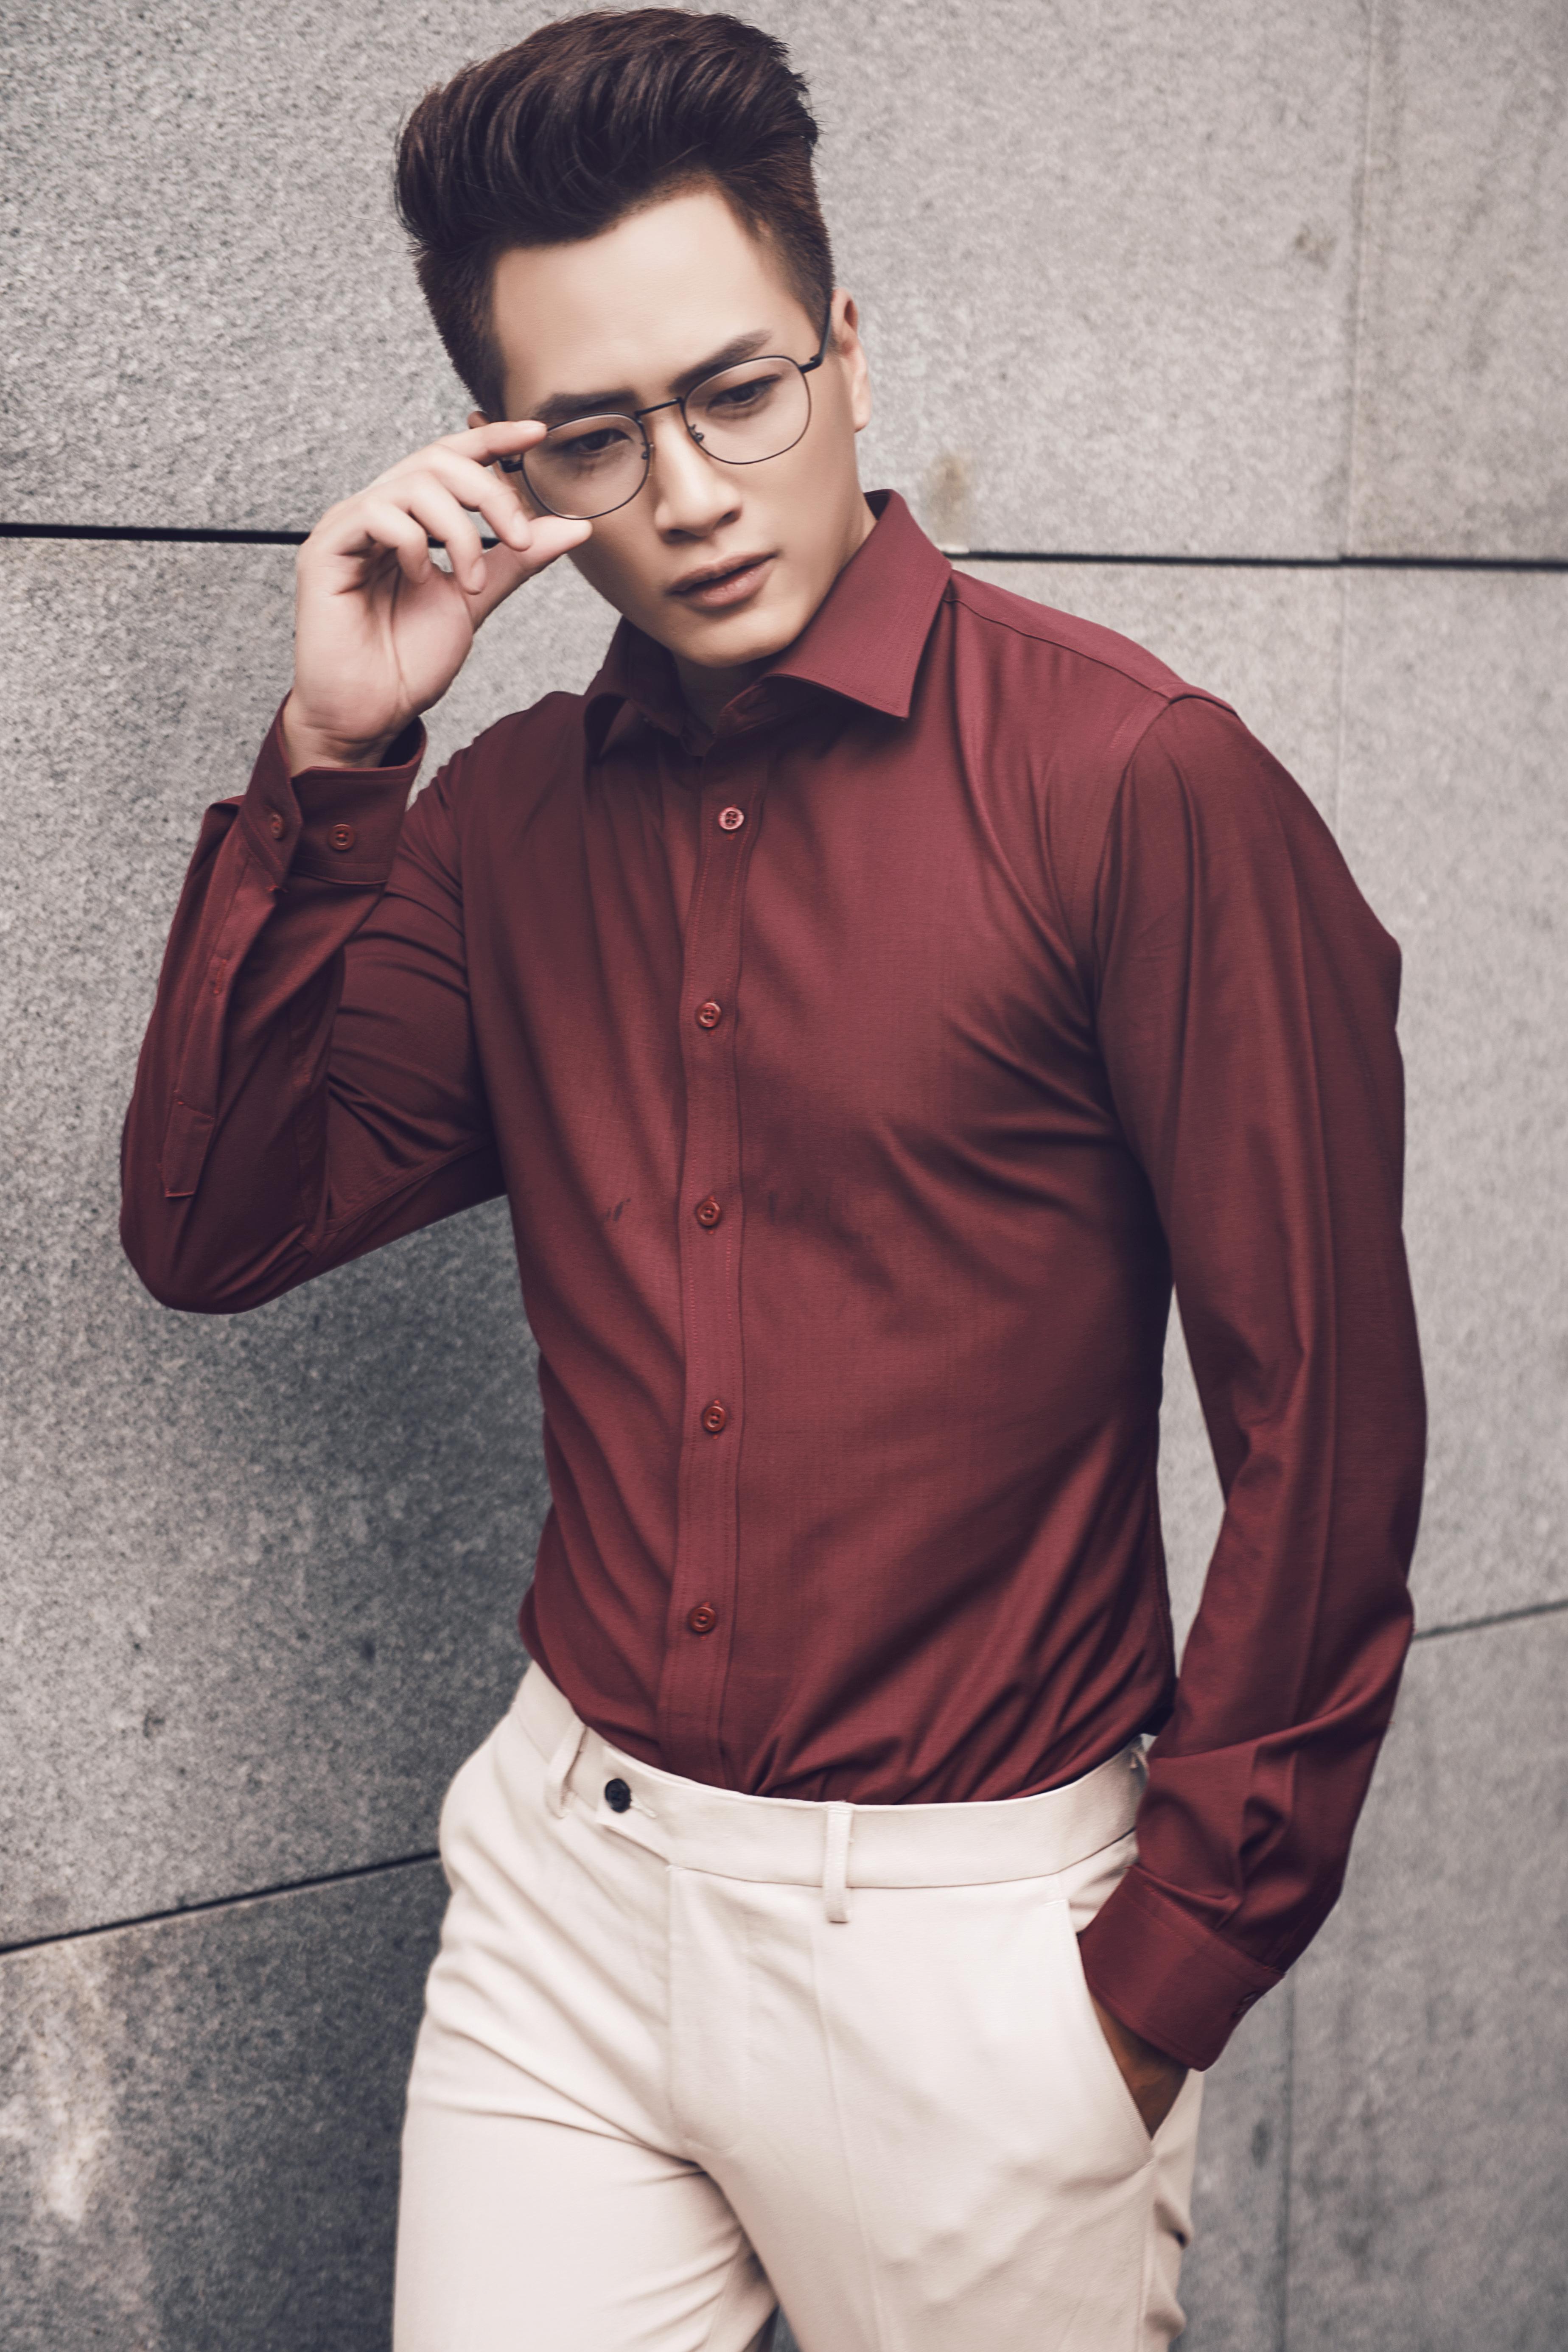 Những mẫu áo sơ mi nam trơn đem lại sự chỉn chu, chuyên nghiệp cho người mặc